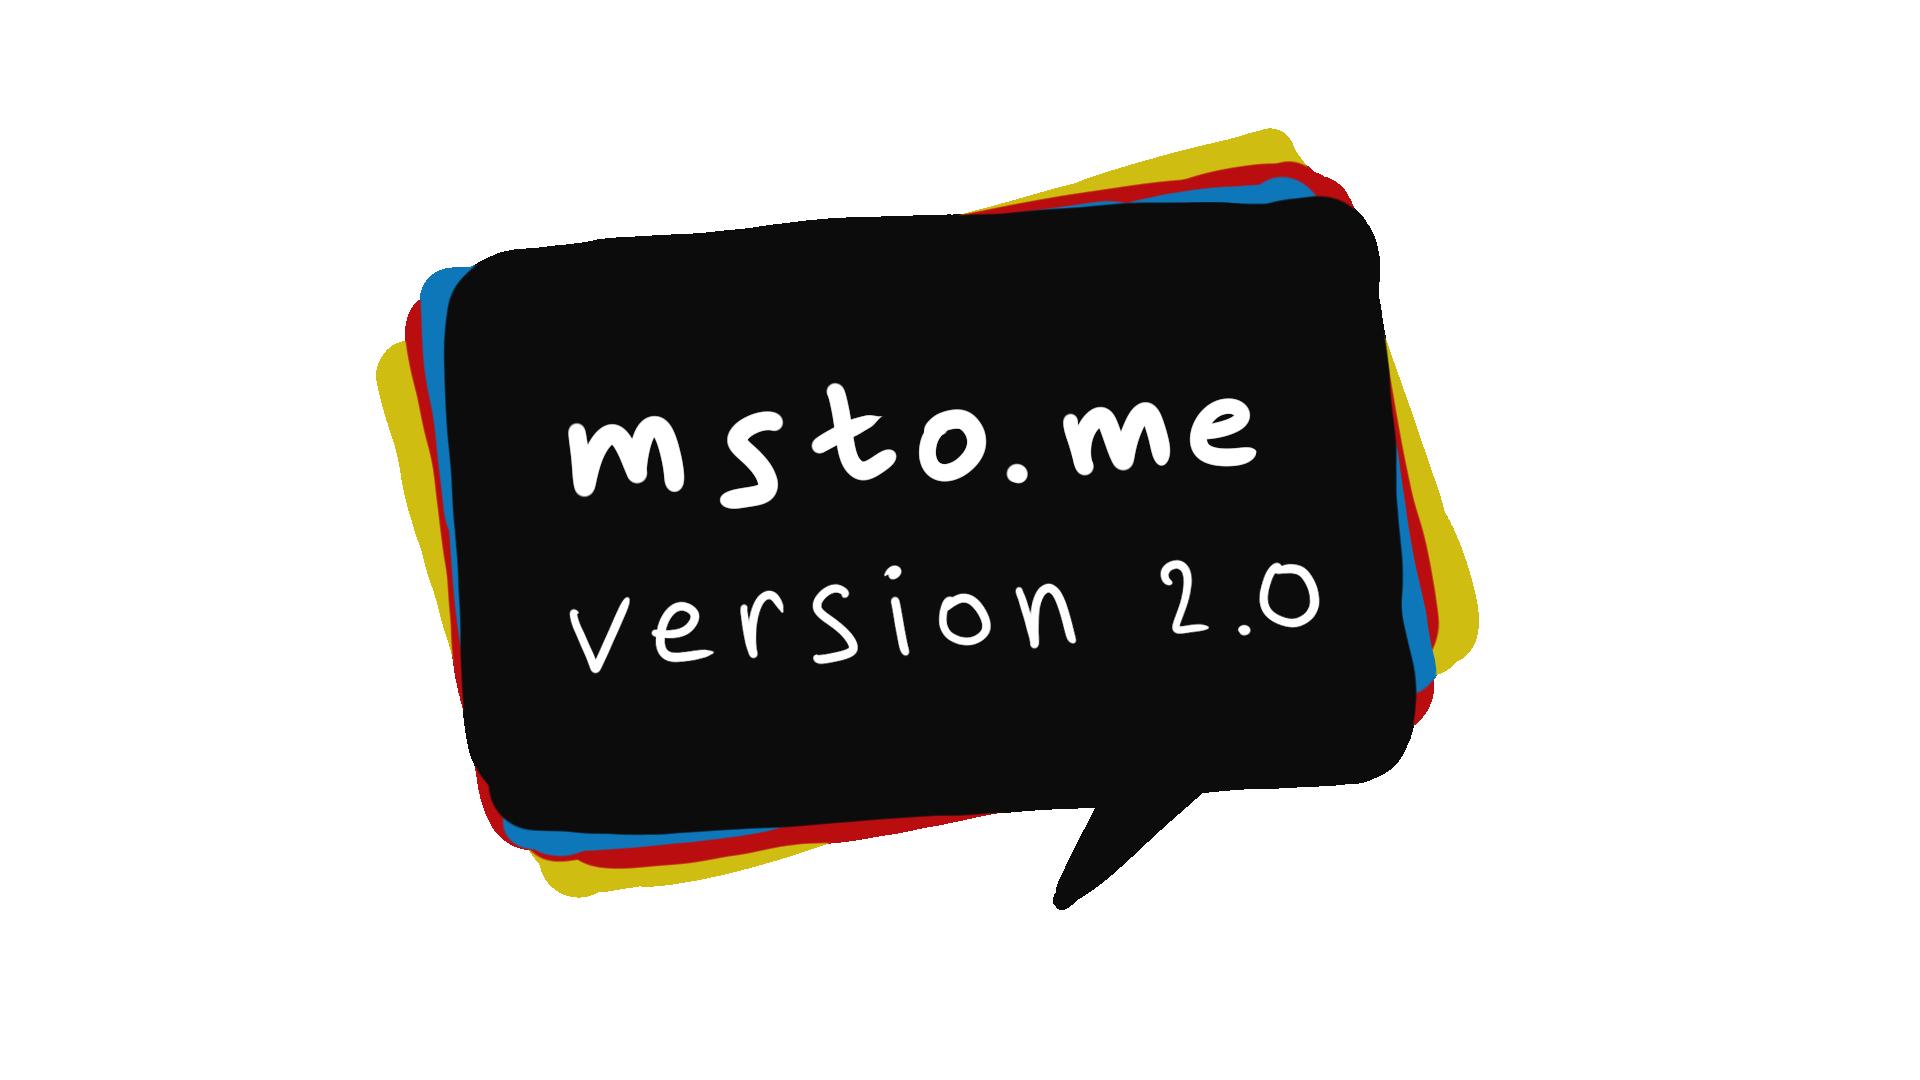 Обновление msto.me 31 октября 2020 и дальнейшие планы